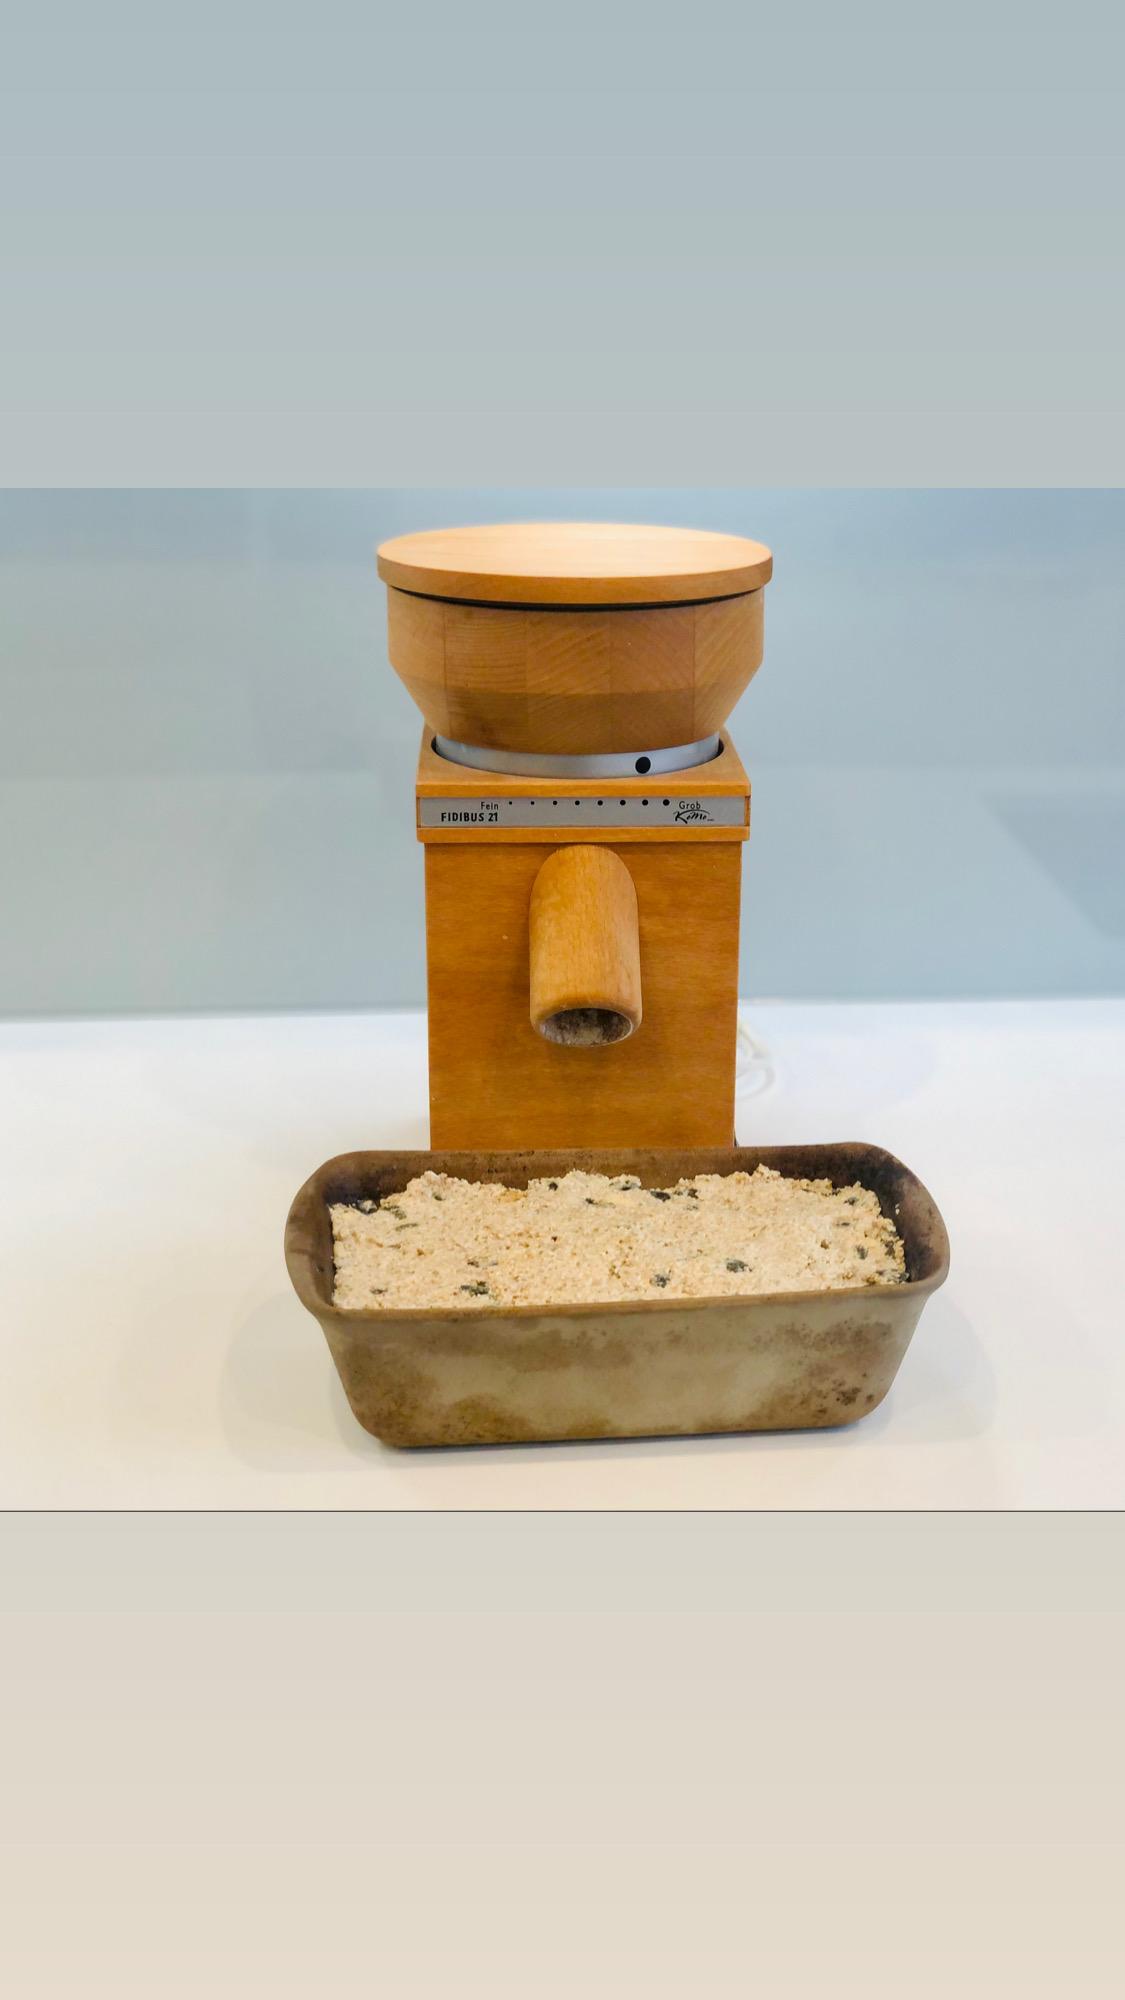 Nun den feuchten Teig mit dem Mix `N Scraper in den gefetteten Zauberkasten geben und fest den Teig herunterdrücken, damit sich keine Luftblasen im Brot bilden...